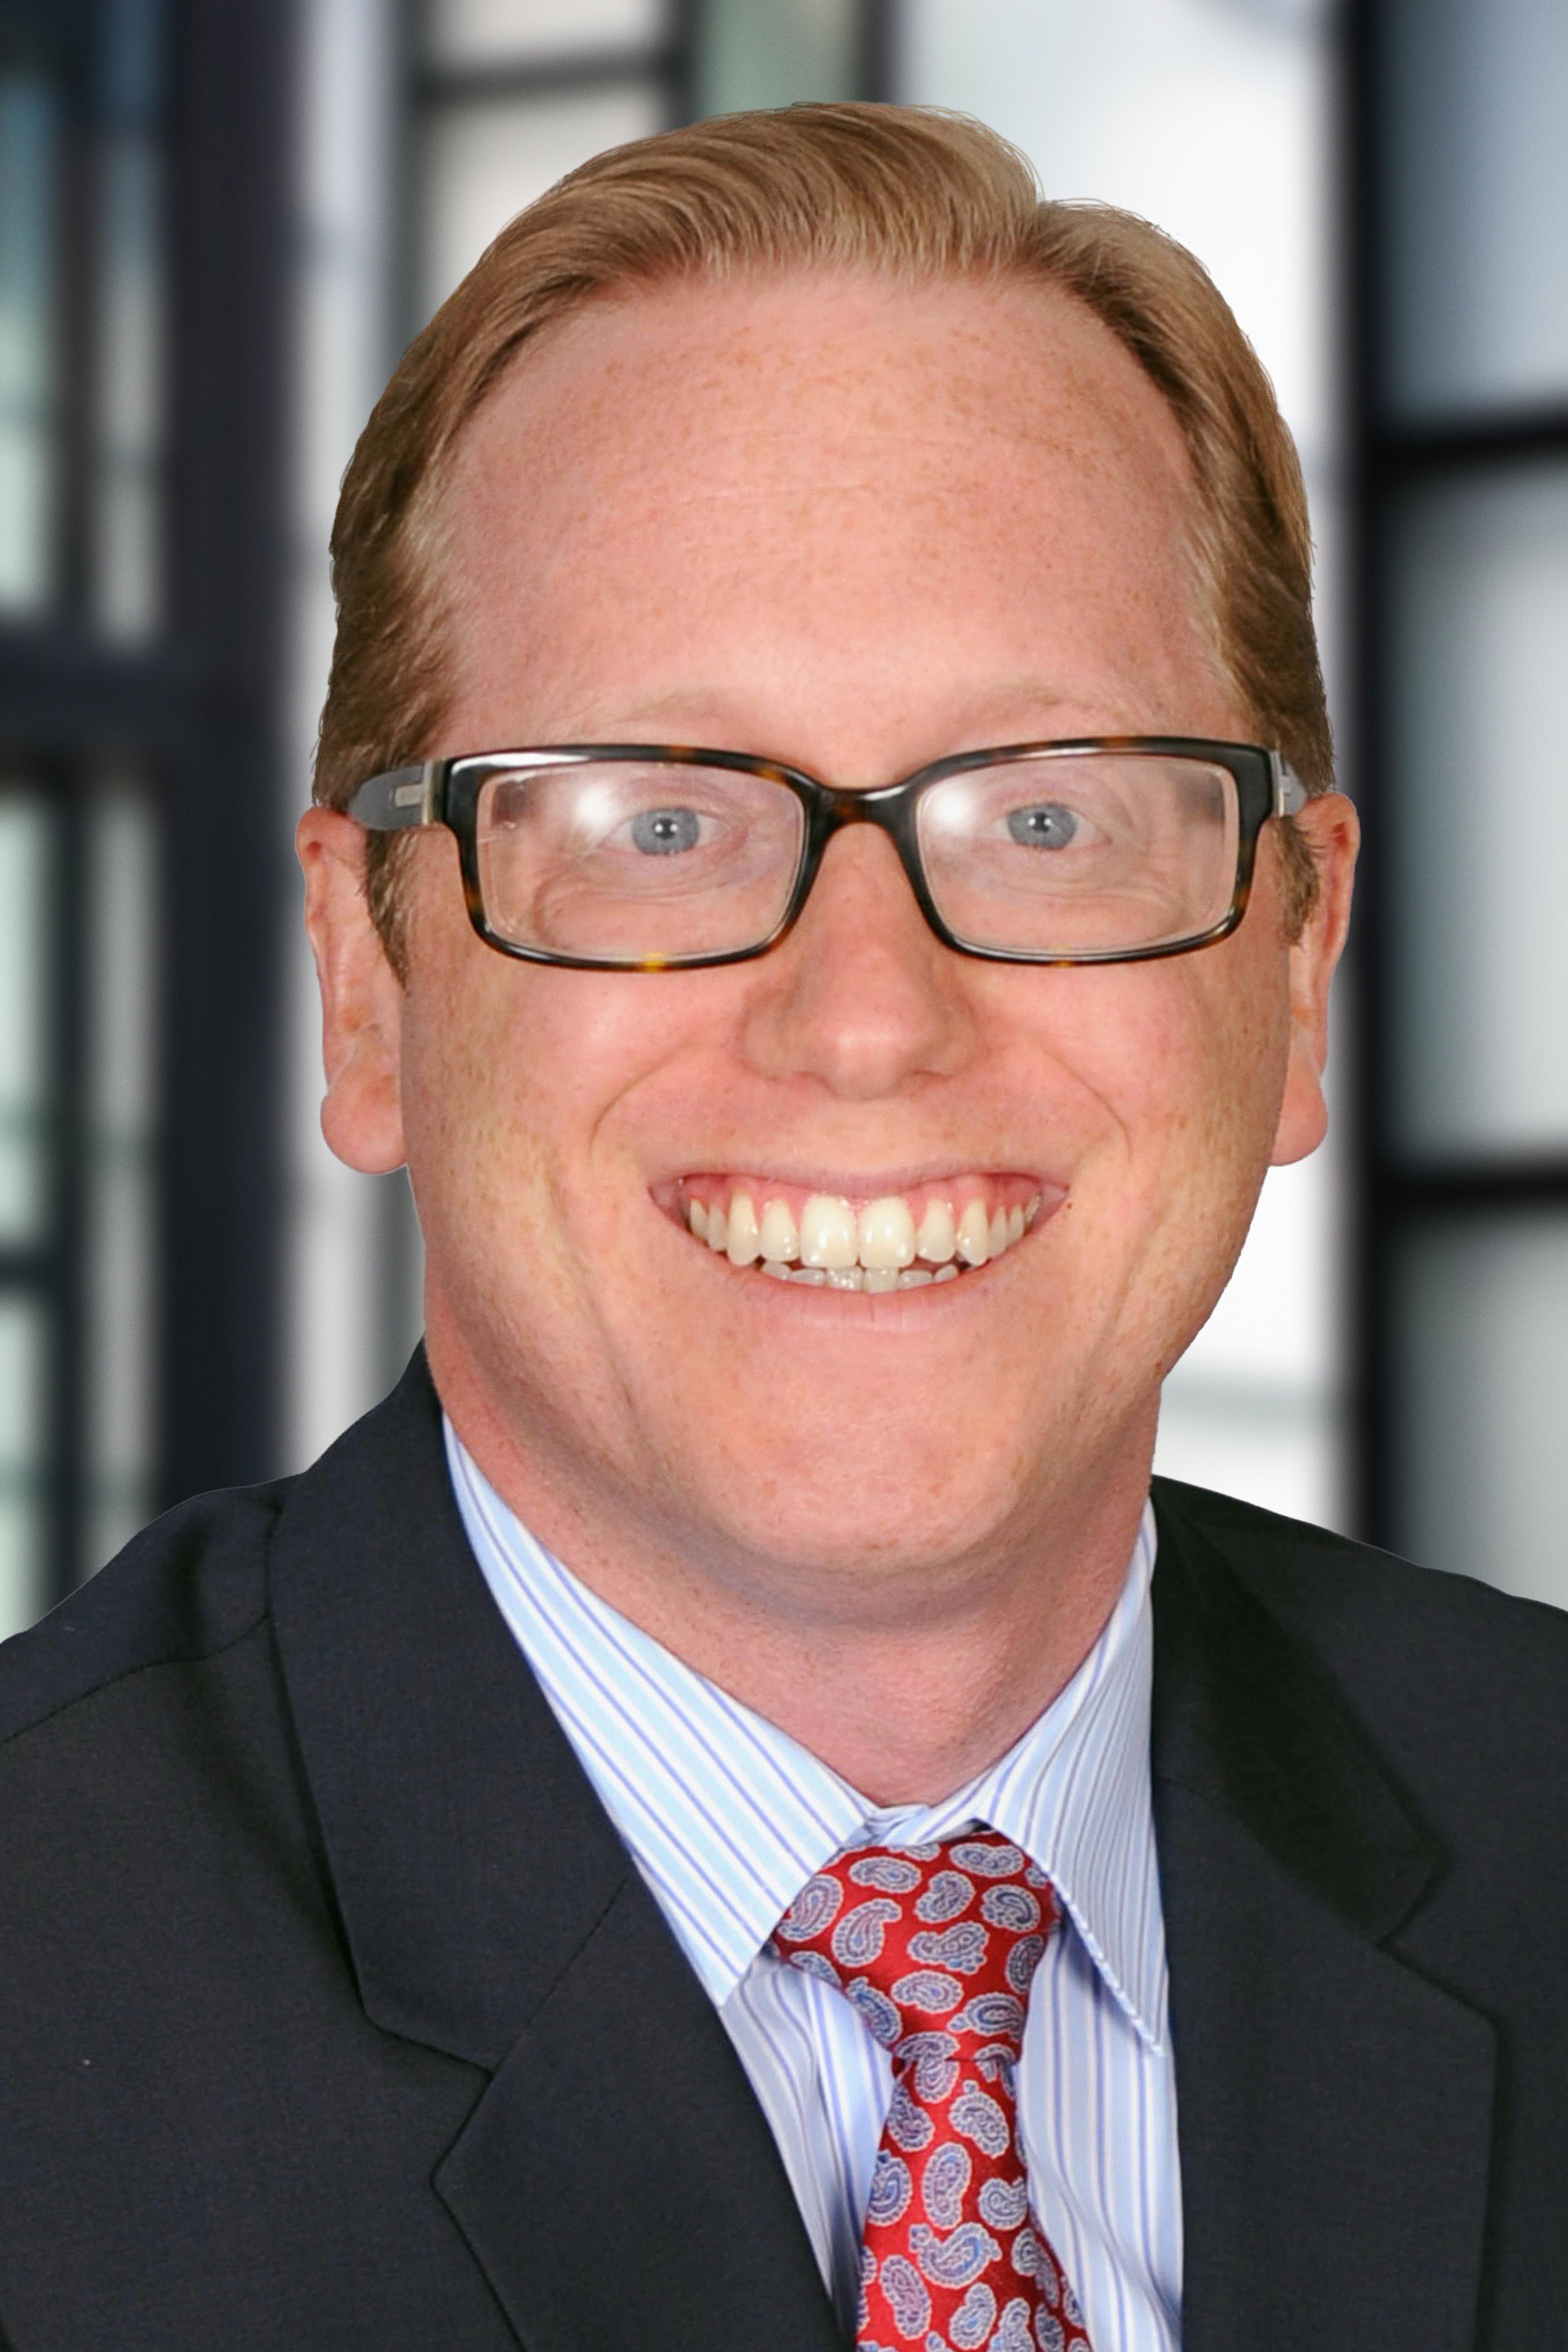 Danielle lewis attorney - Jeffrey Ranen